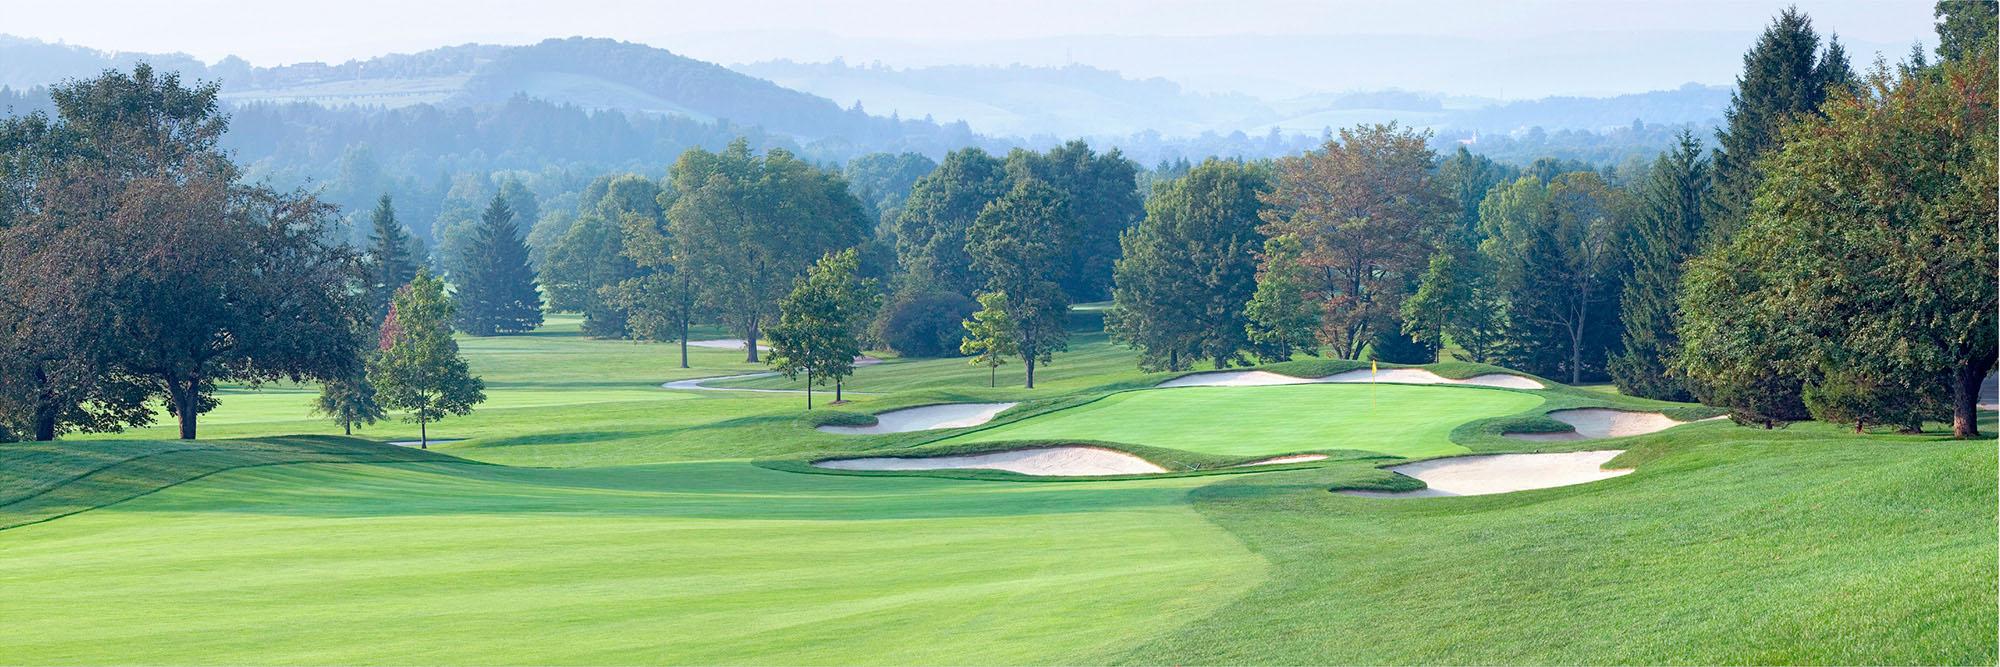 Golf Course Image - Laurel Valley No. 11